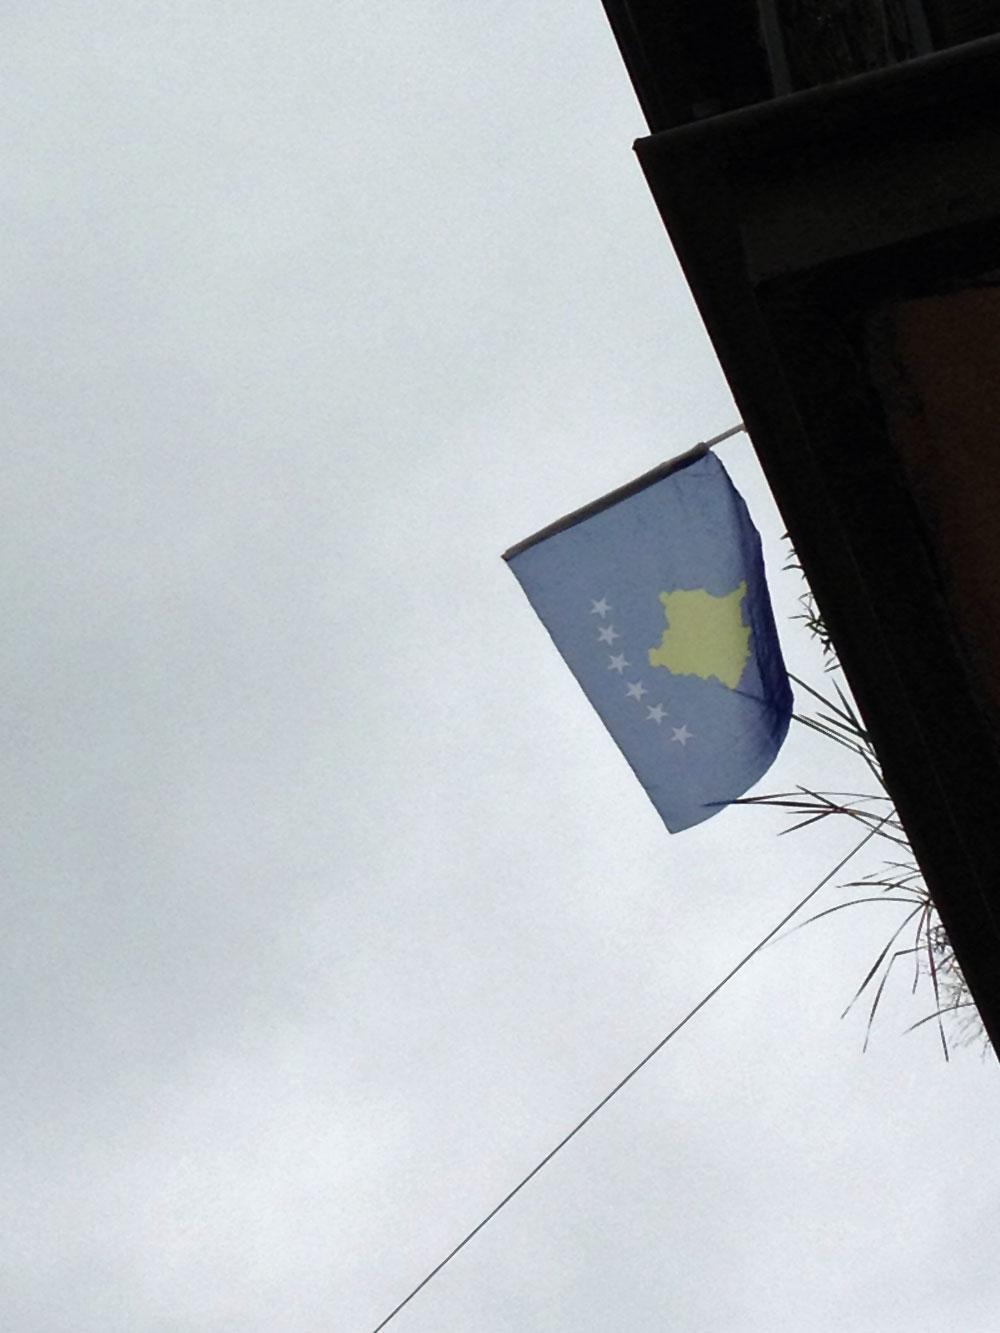 flaggen-am-fenster-in-frankfurt-zur-euro-2016-kosovo